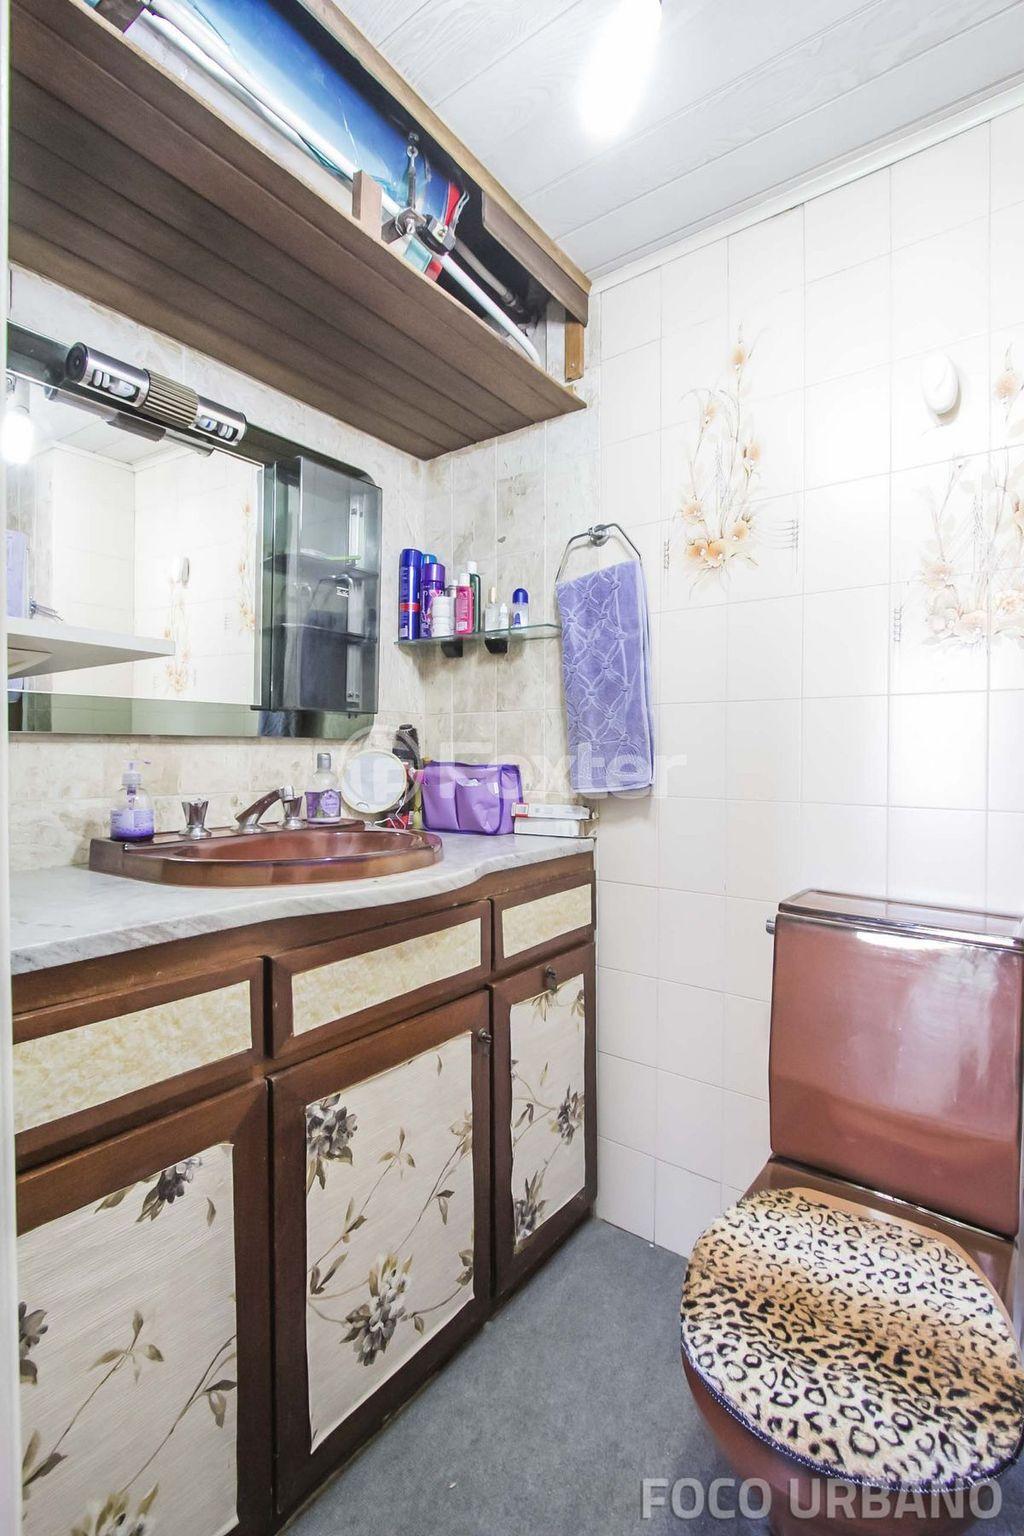 Foxter Imobiliária - Cobertura 3 Dorm (139458) - Foto 18